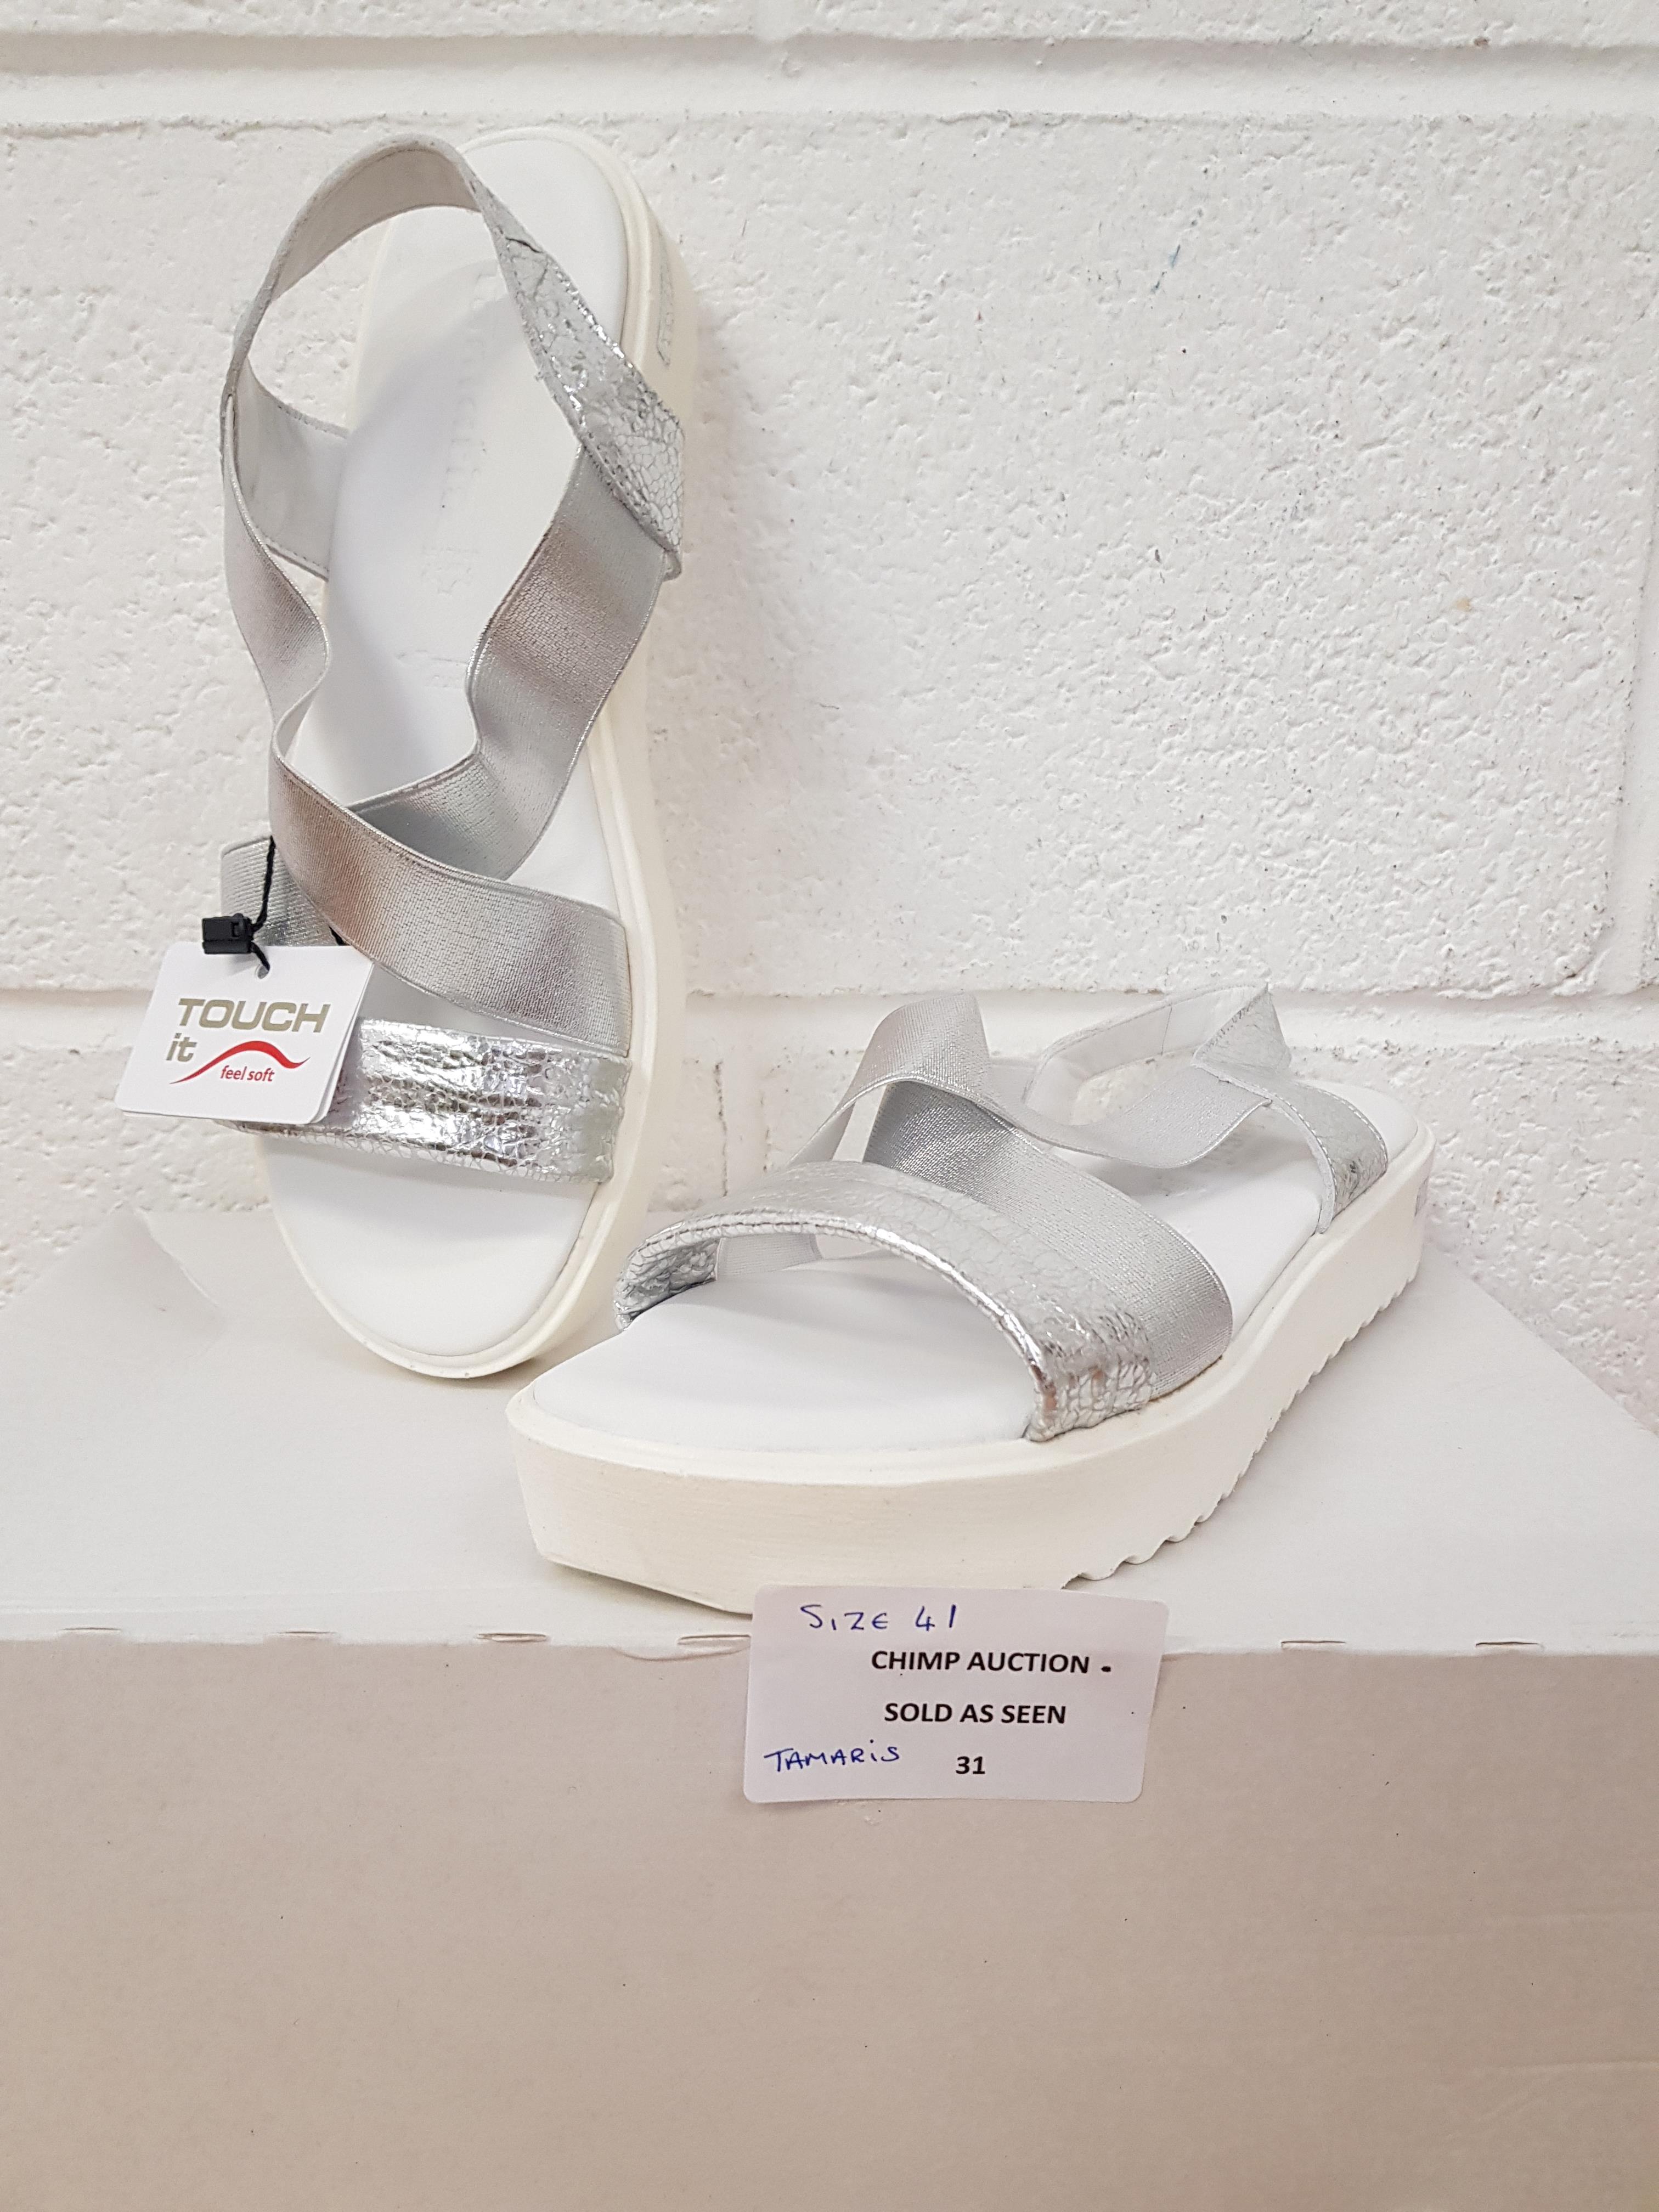 Lot 31 - Tamaris Ladies sandals EU 41